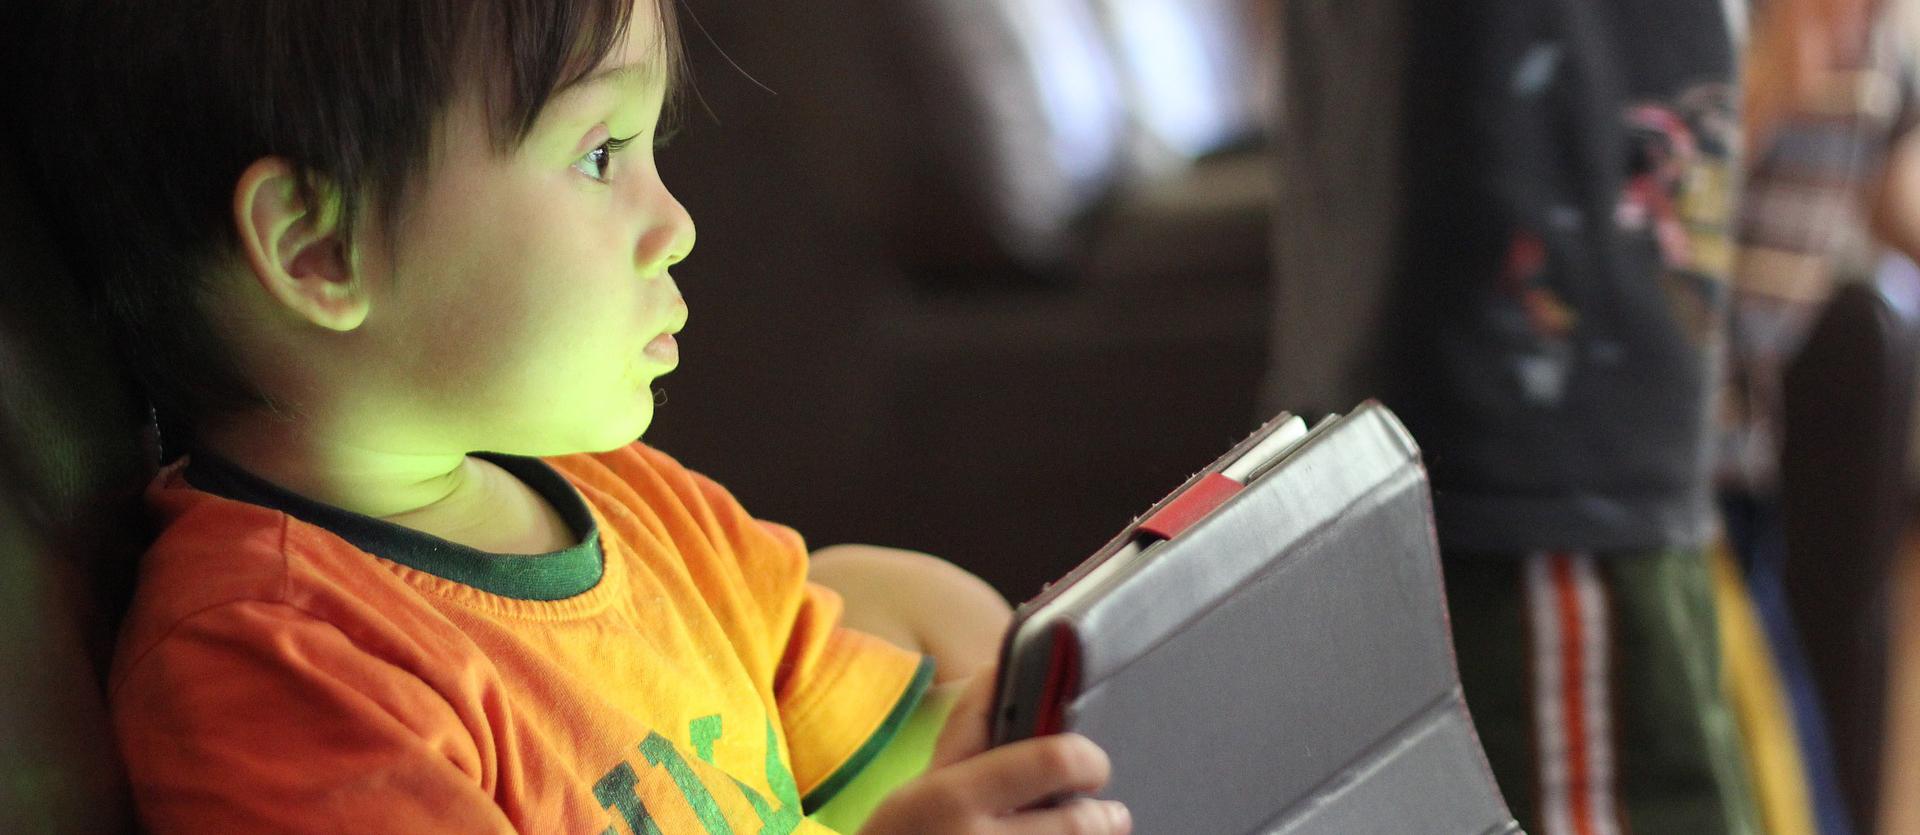 numérique - sécurité des enfants sur Internet